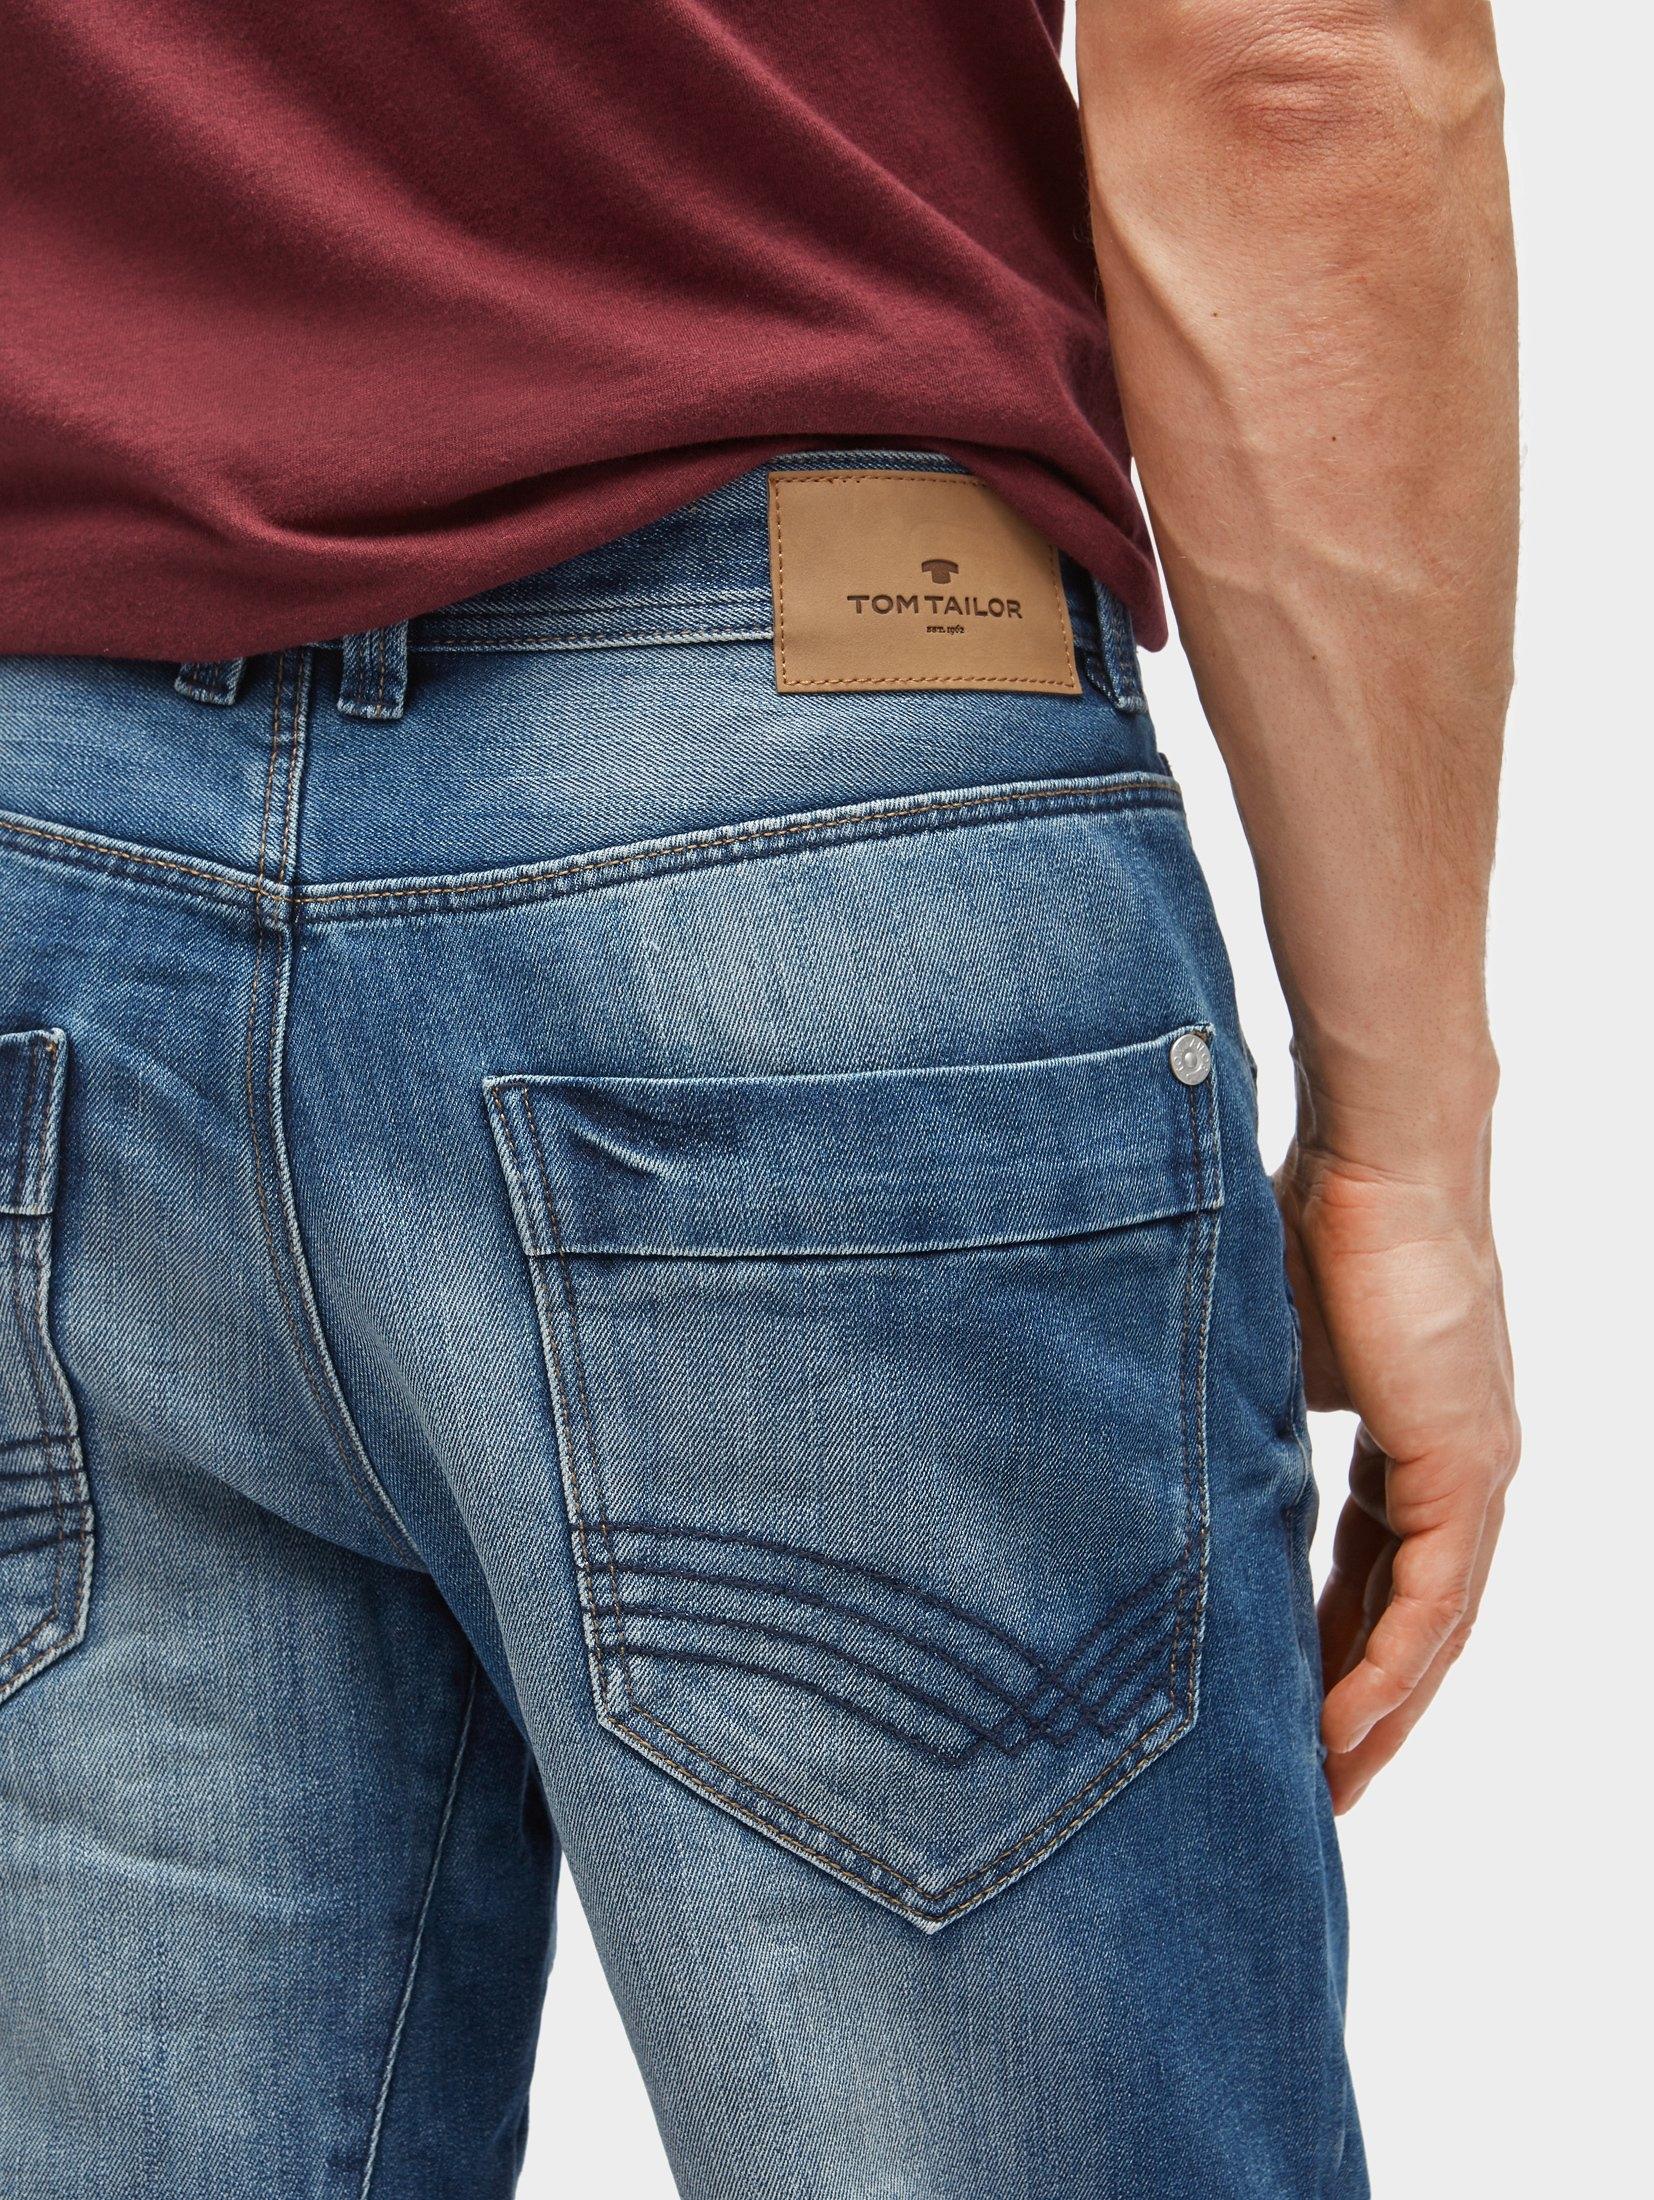 pocketsjeanstroy Bermuda Five Koop Tom Je Slim Shorts Bij Tailor lJK1TcF